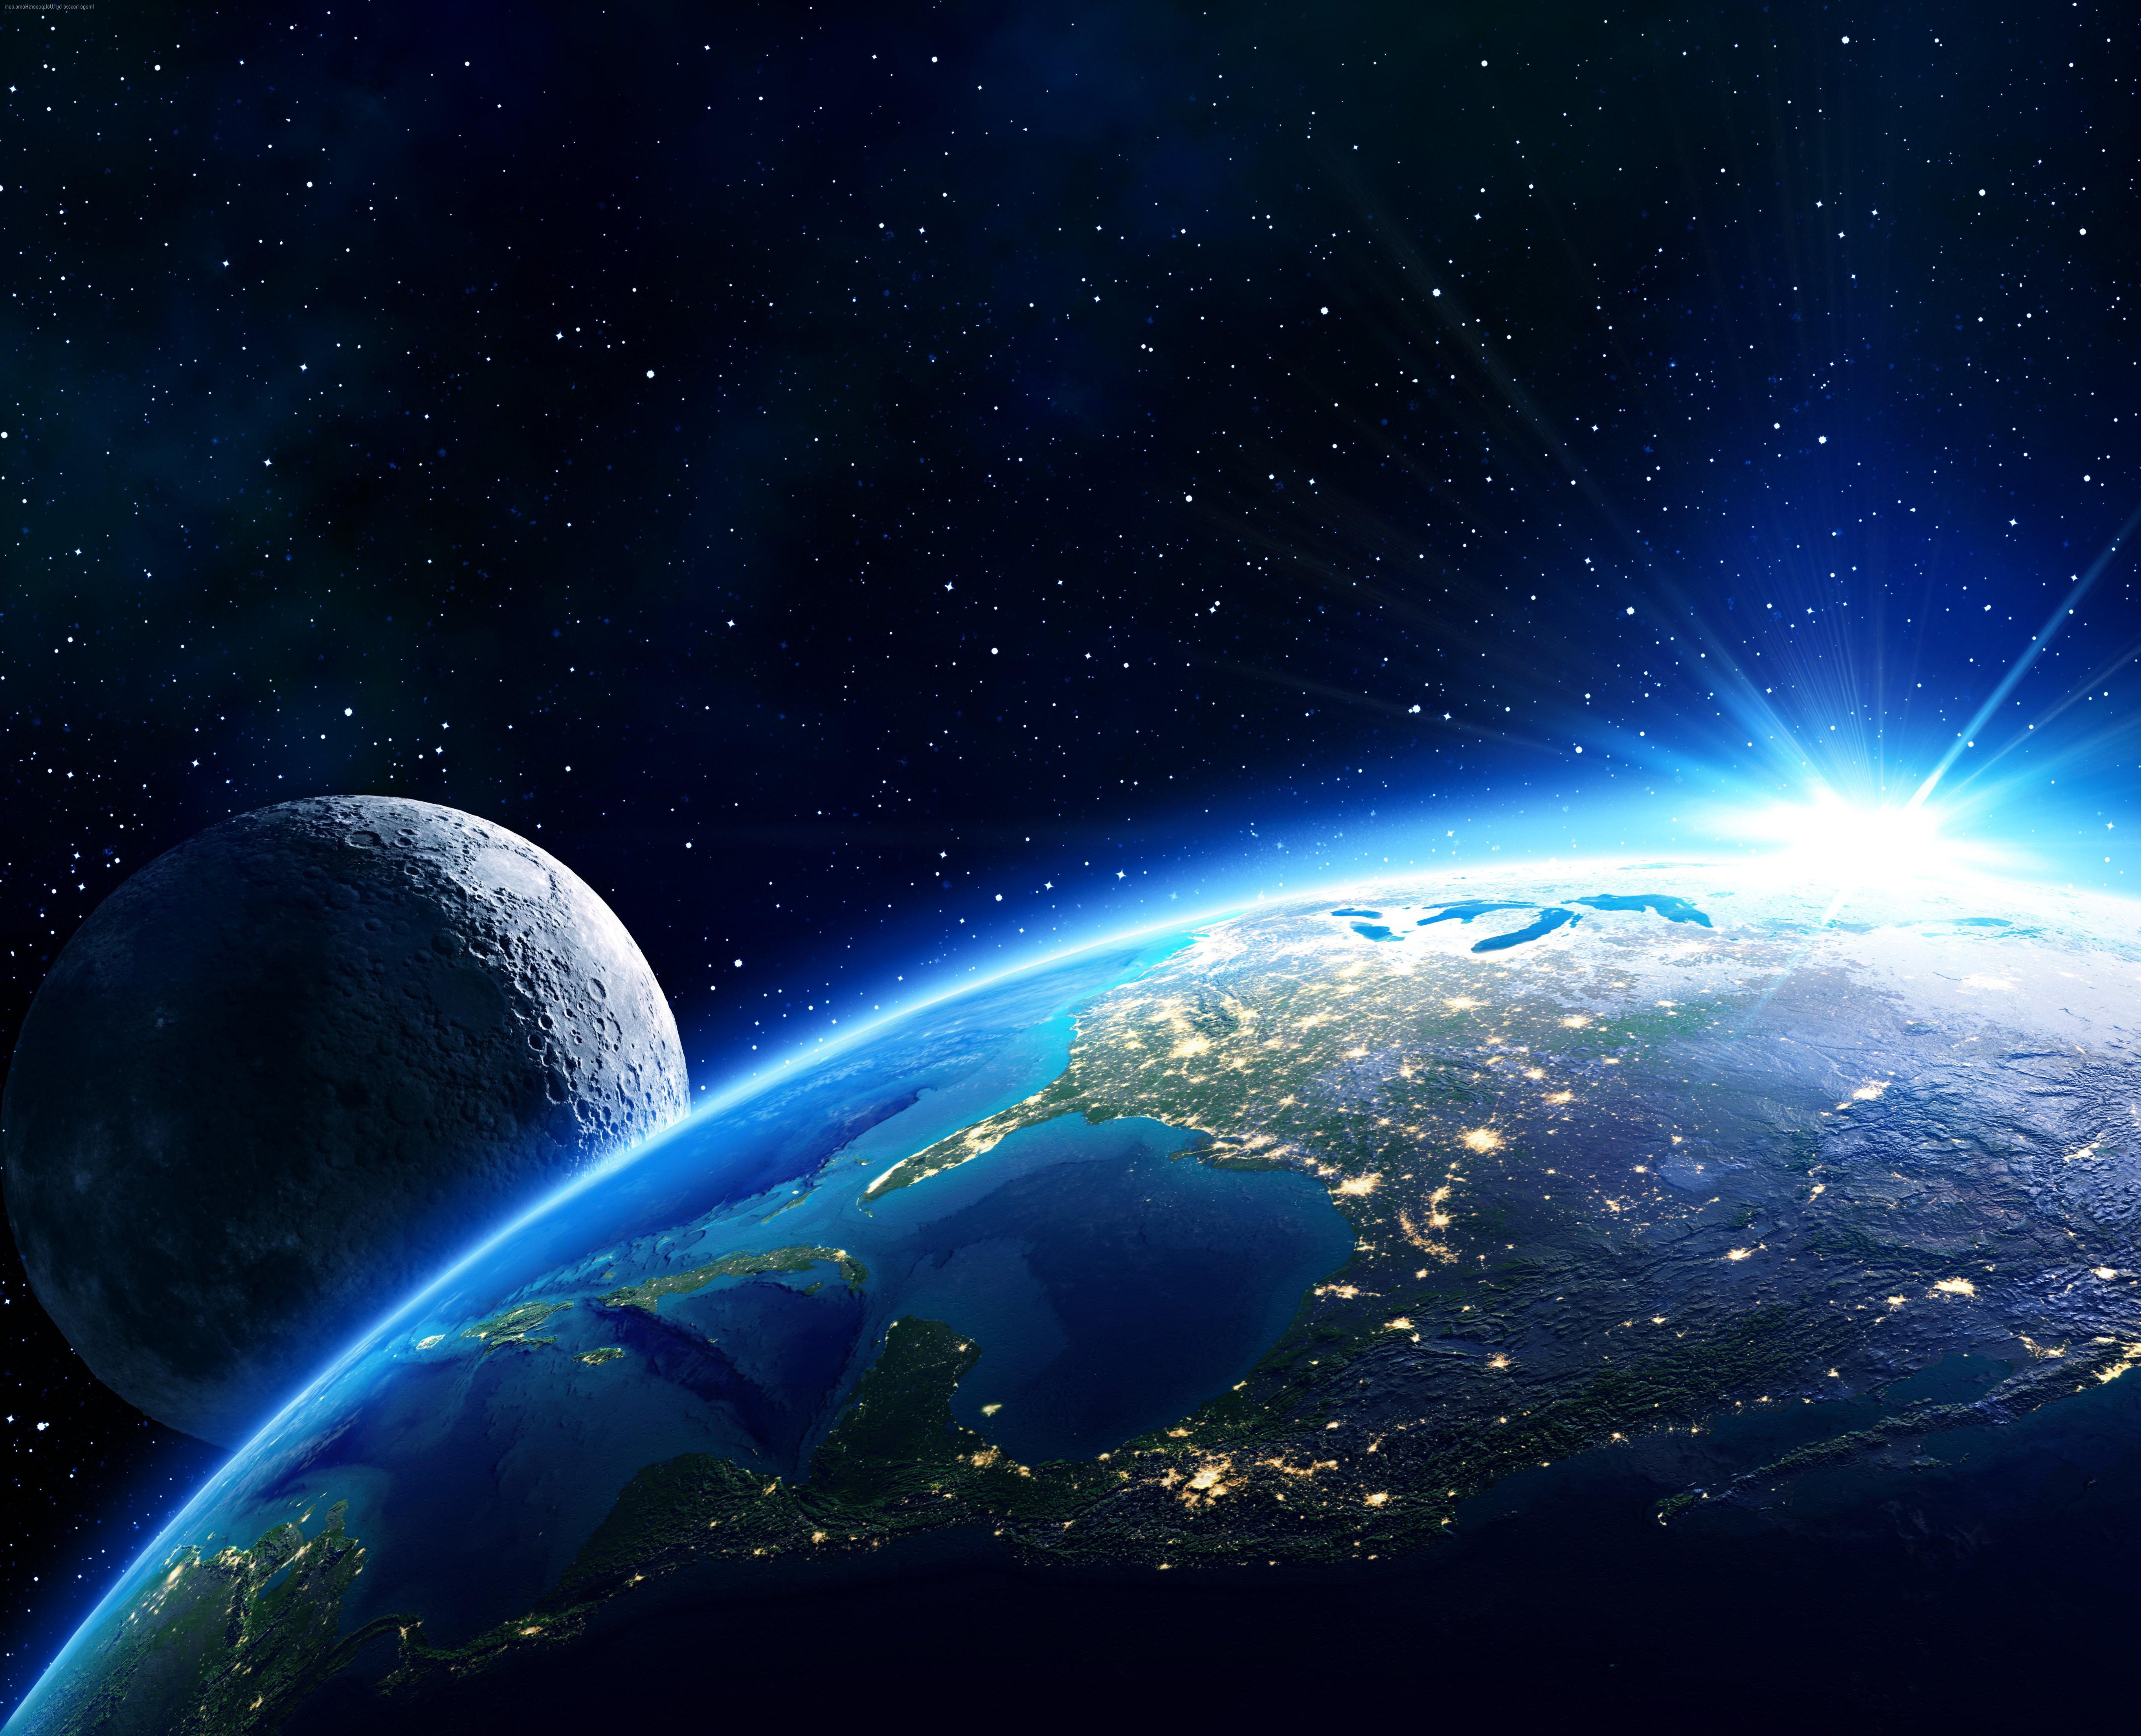 Космос, планета Земля вид из космоса, галактика, вселенная, 5k обои